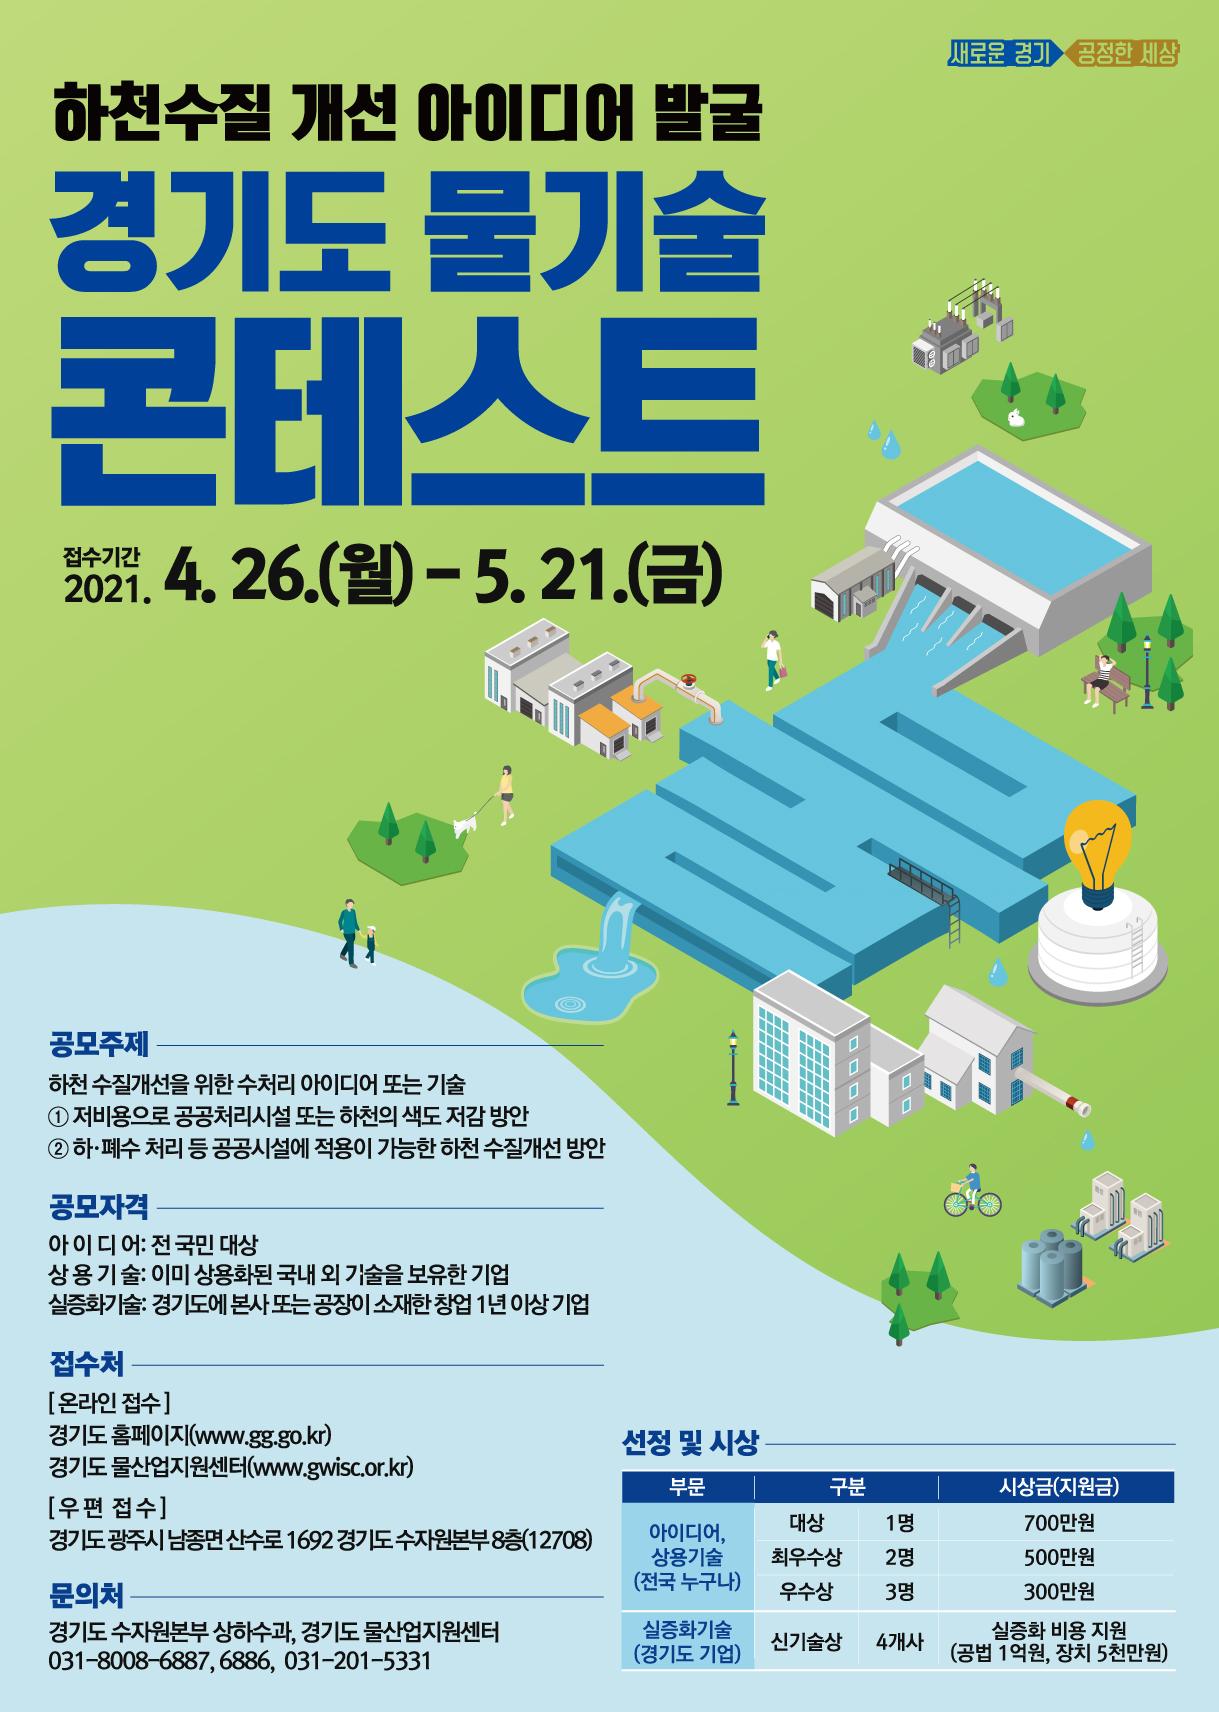 [붙임]경기도 물기술콘테스트-포스터.jpg